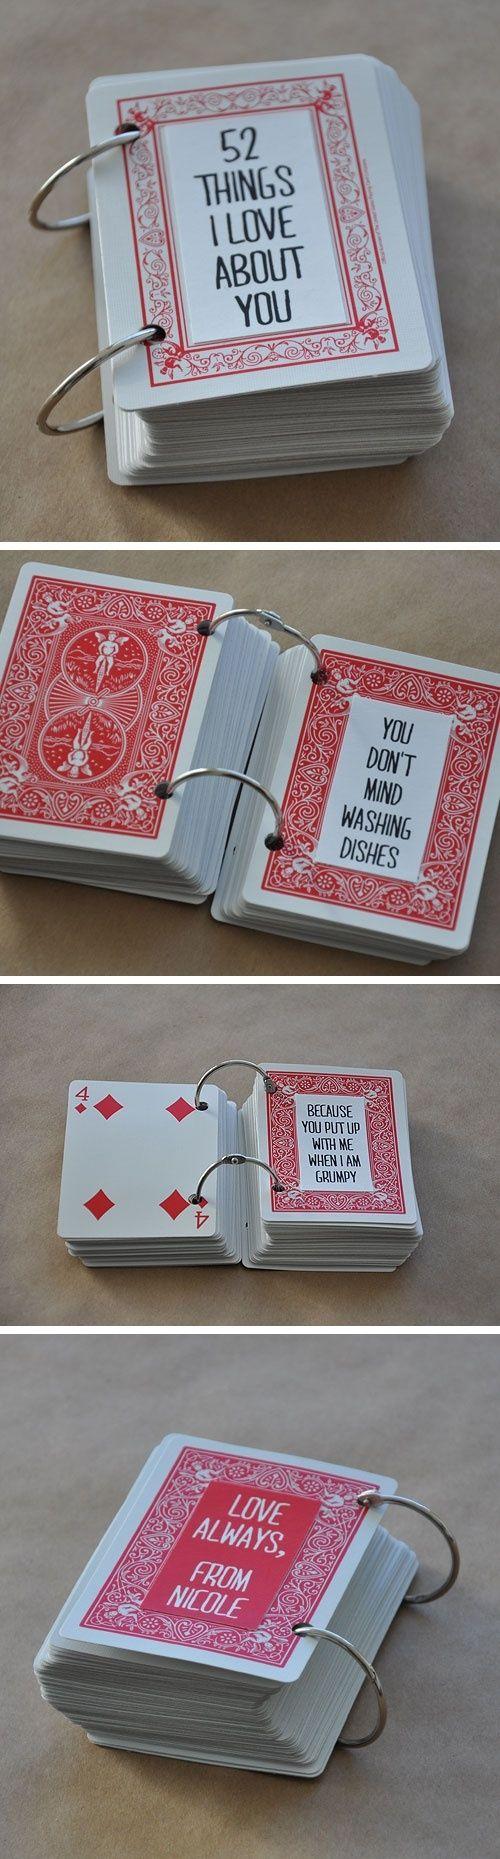 52 cosas que amo de ti con una baraja de cartas - Libros de cocina originales ...